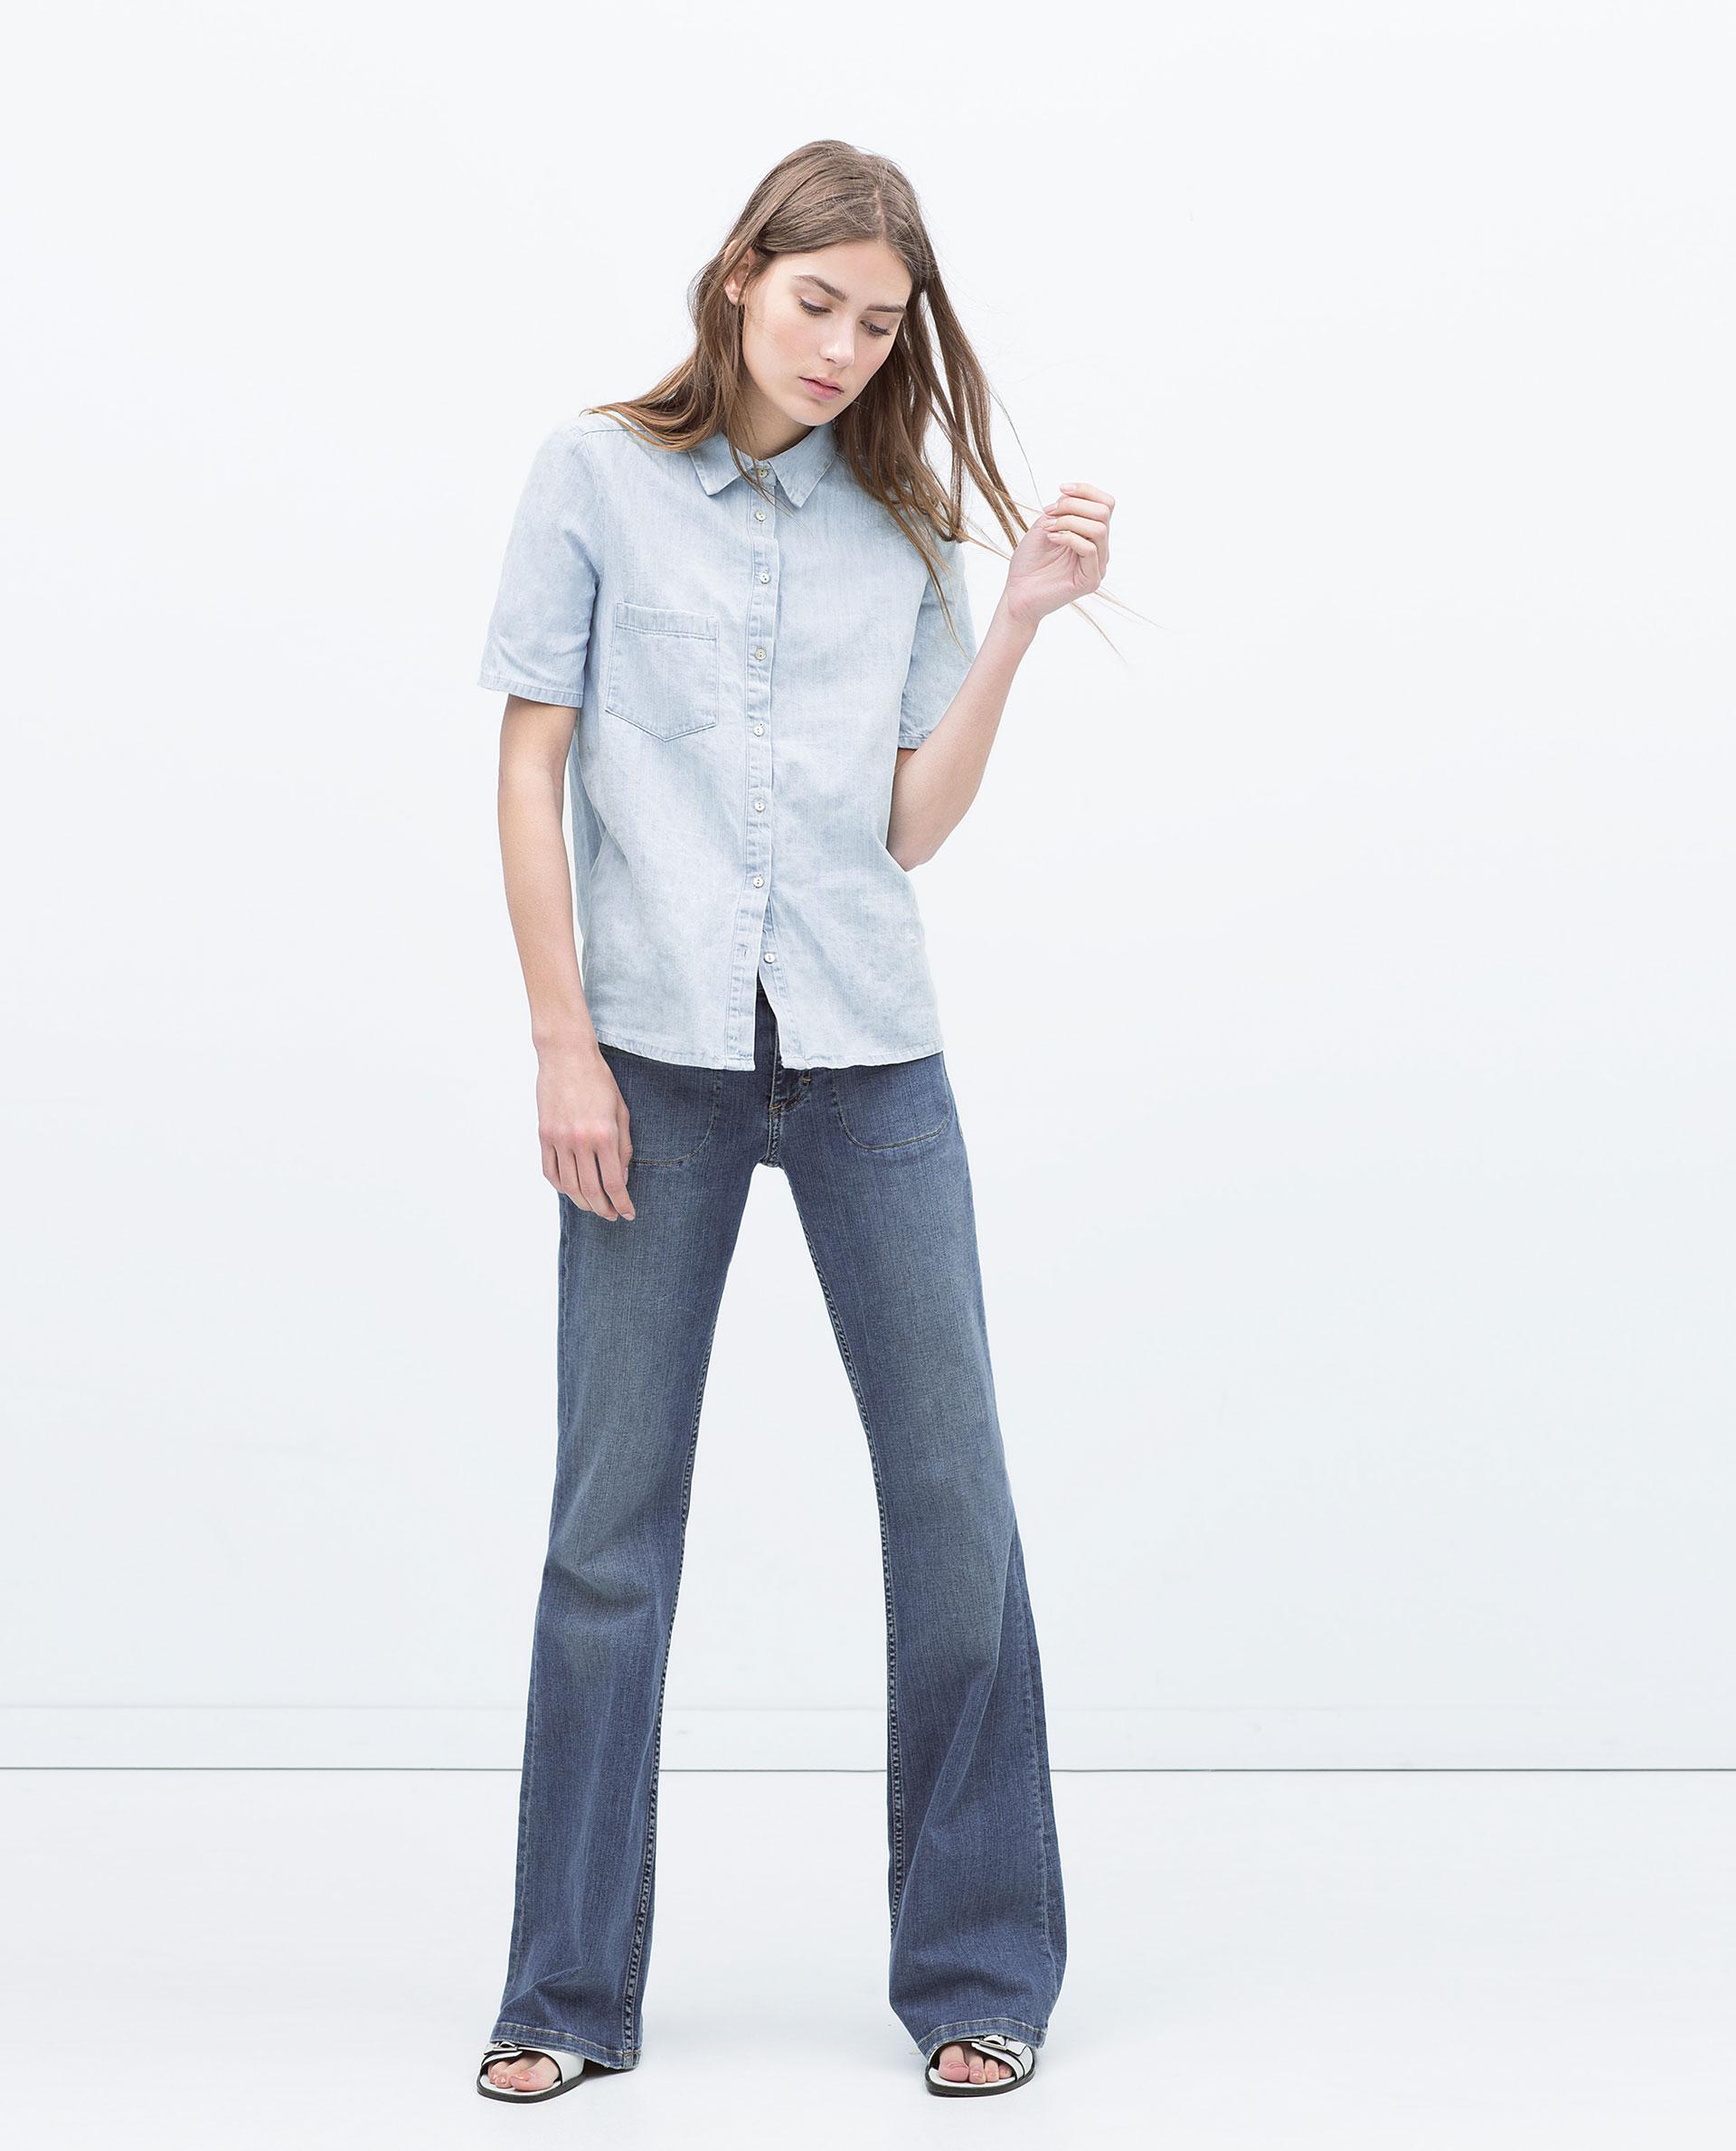 denim shirt pockets - photo #2